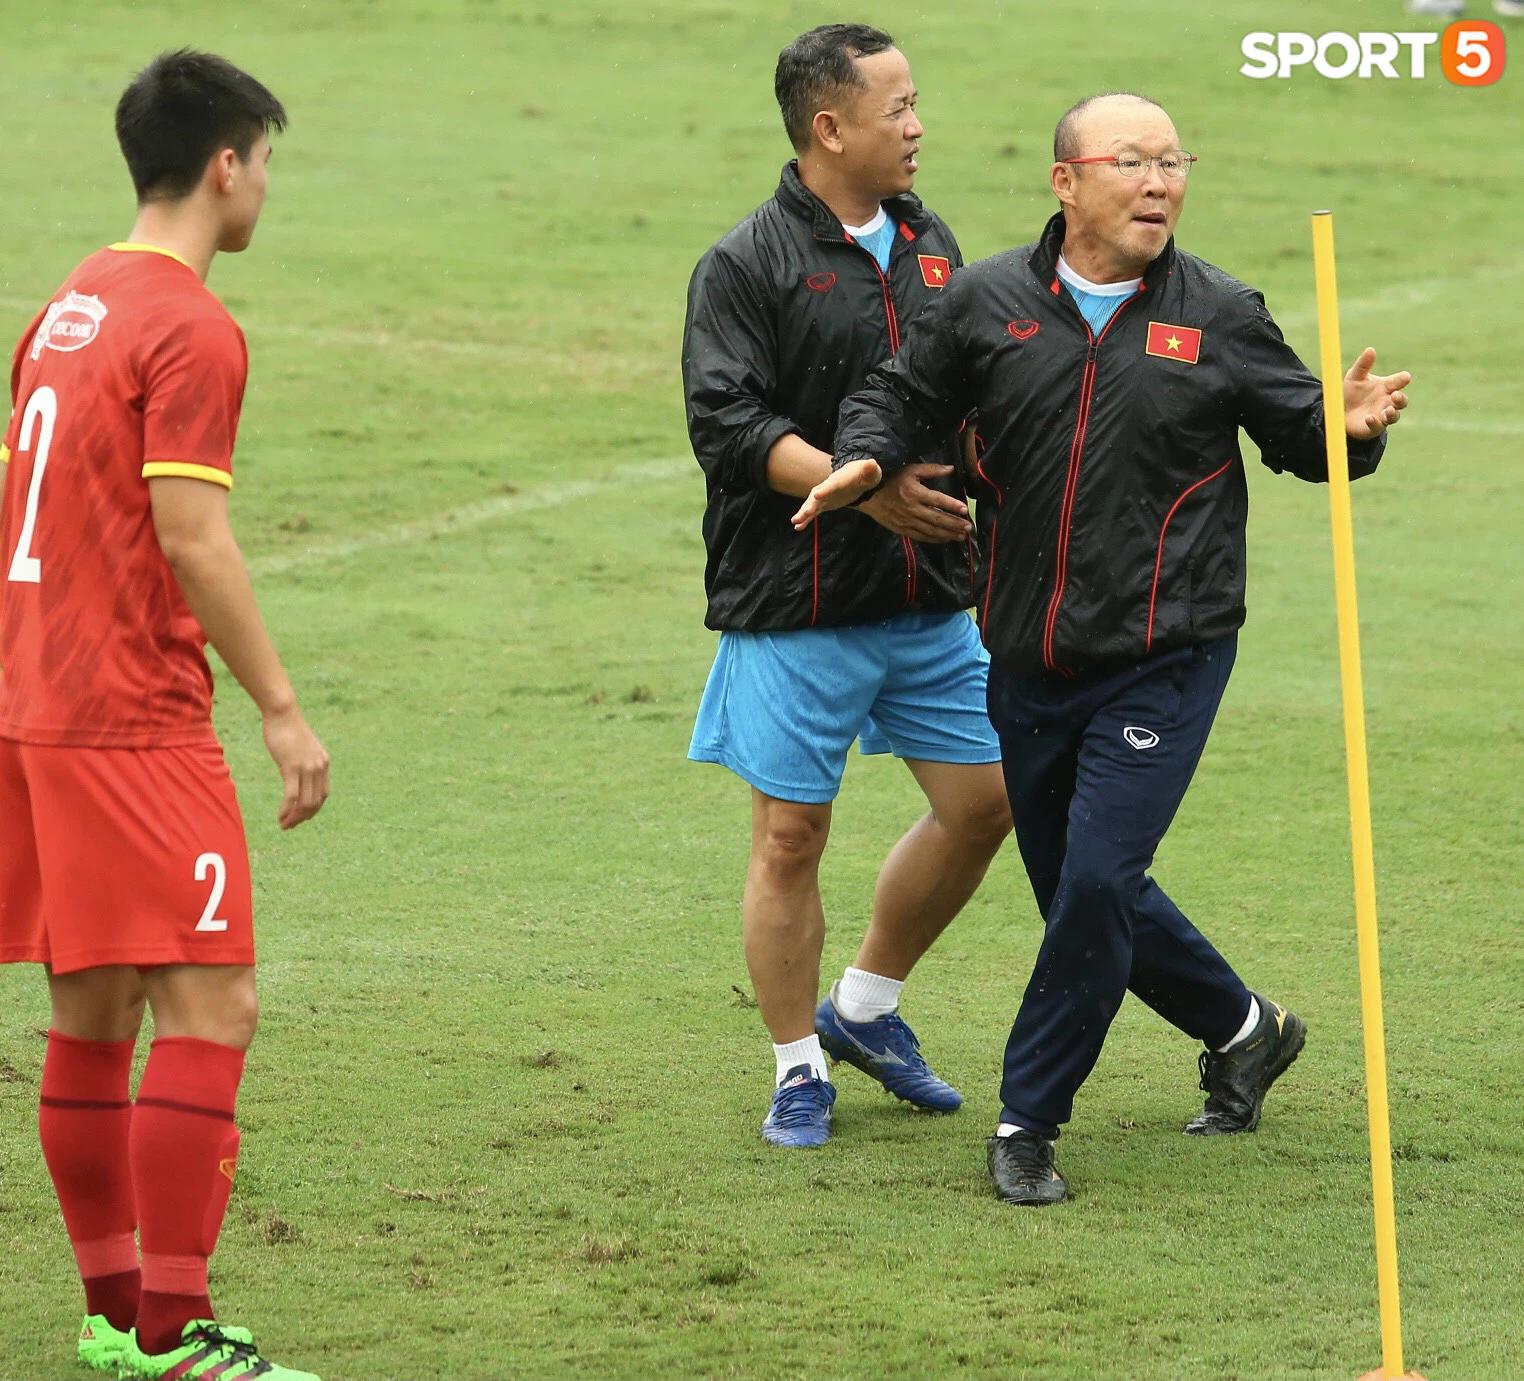 Bực vì học trò không thực hiện đúng, HLV Park Hang-seo trực tiếp thị phạm chuyền bóng - Ảnh 7.